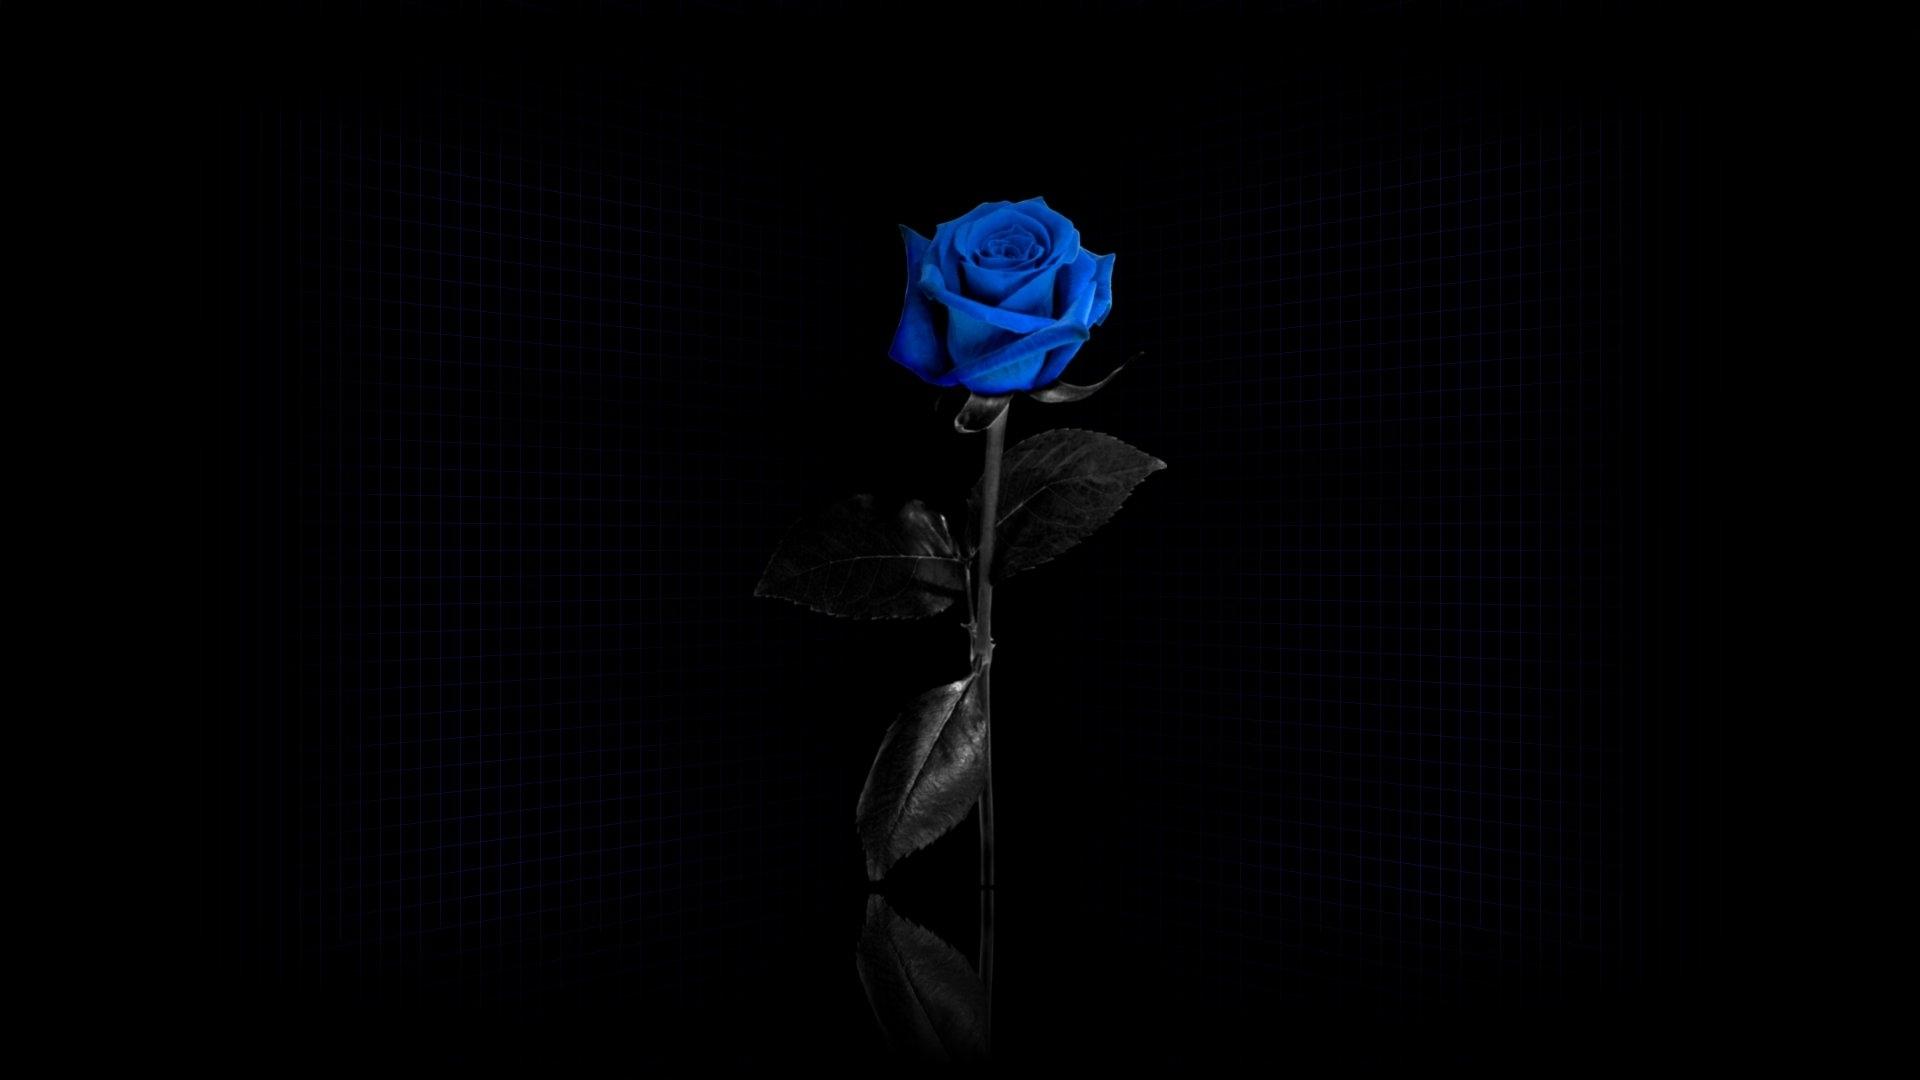 Добрым утром, картинки черная роза на рабочий стол